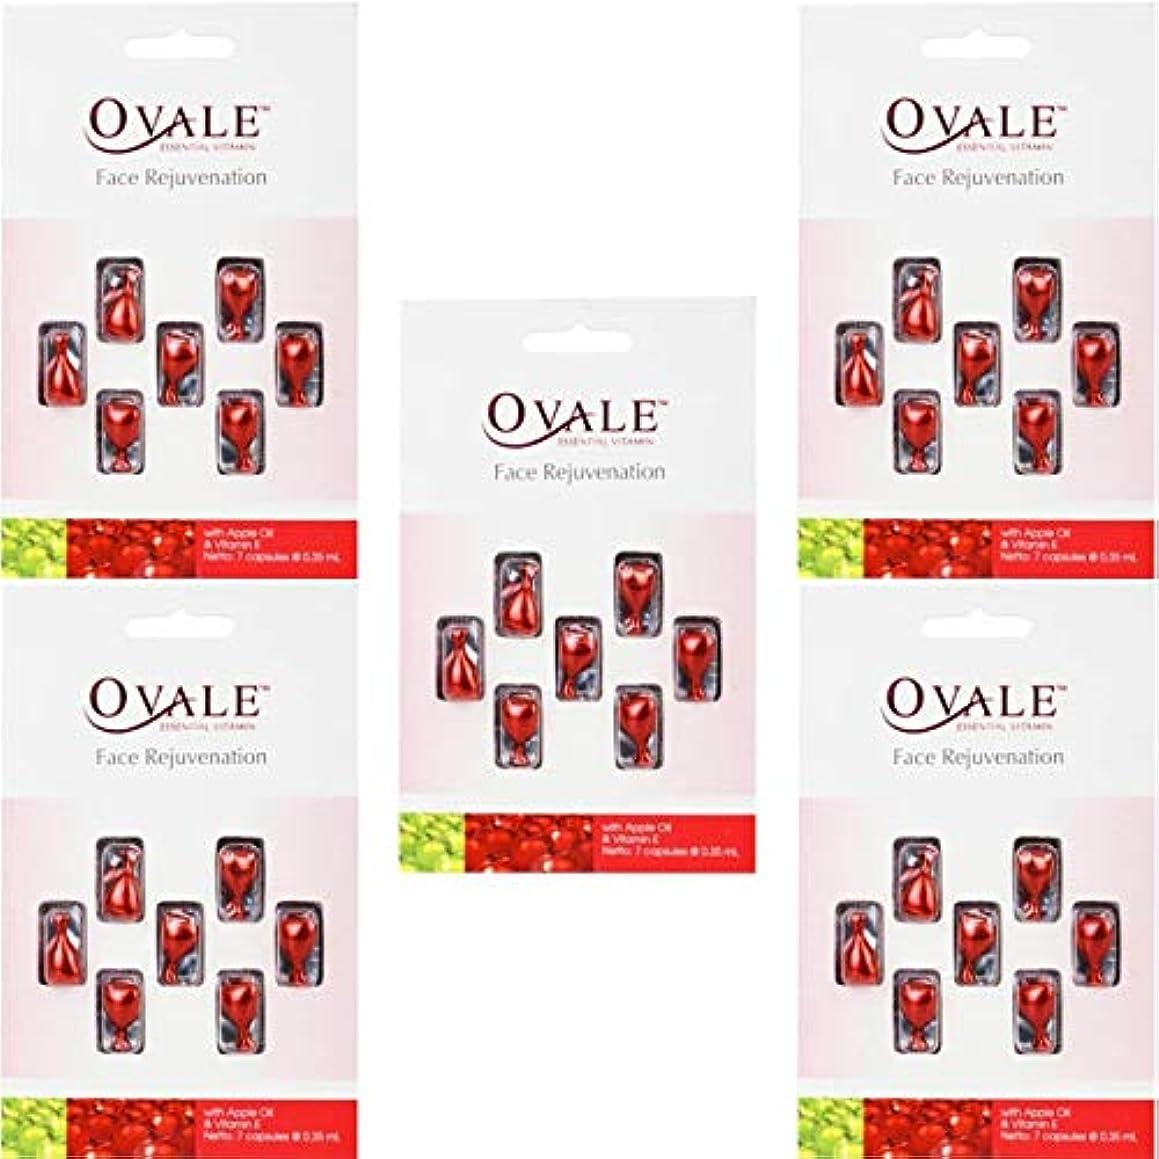 相対的予想外騒々しいOvale オーバル フェイシャル美容液 essential vitamin エッセンシャルビタミン 7粒入シート×5枚セット アップル [海外直送品]